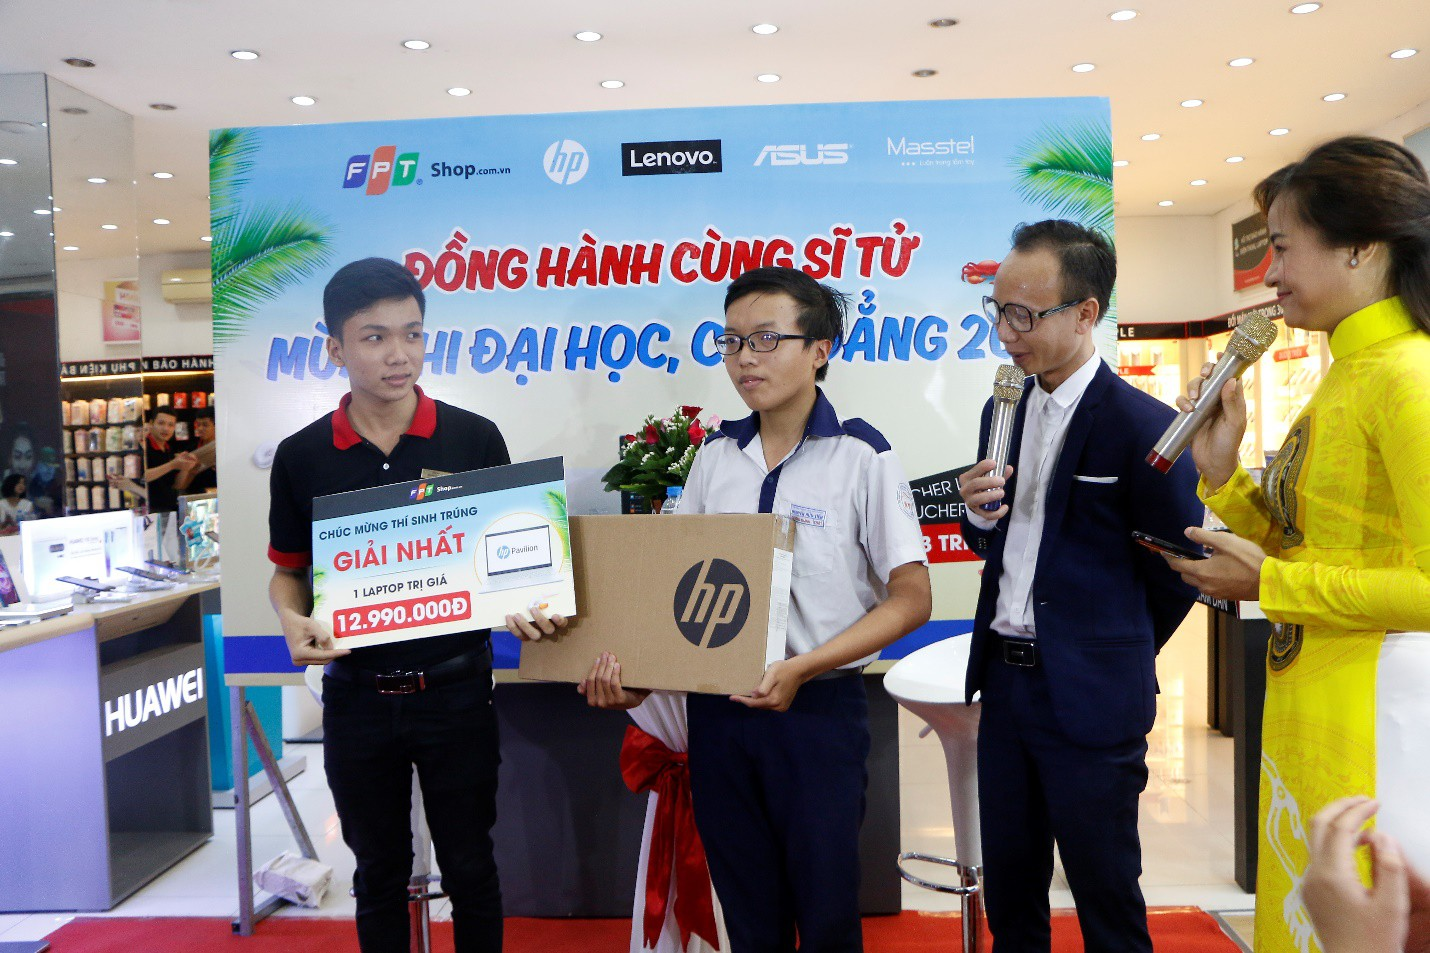 FPT Shop tặng laptop cho 2 sĩ tử may mắn trong chương trình Giảm nhiệt mùa thi - Ảnh 2.